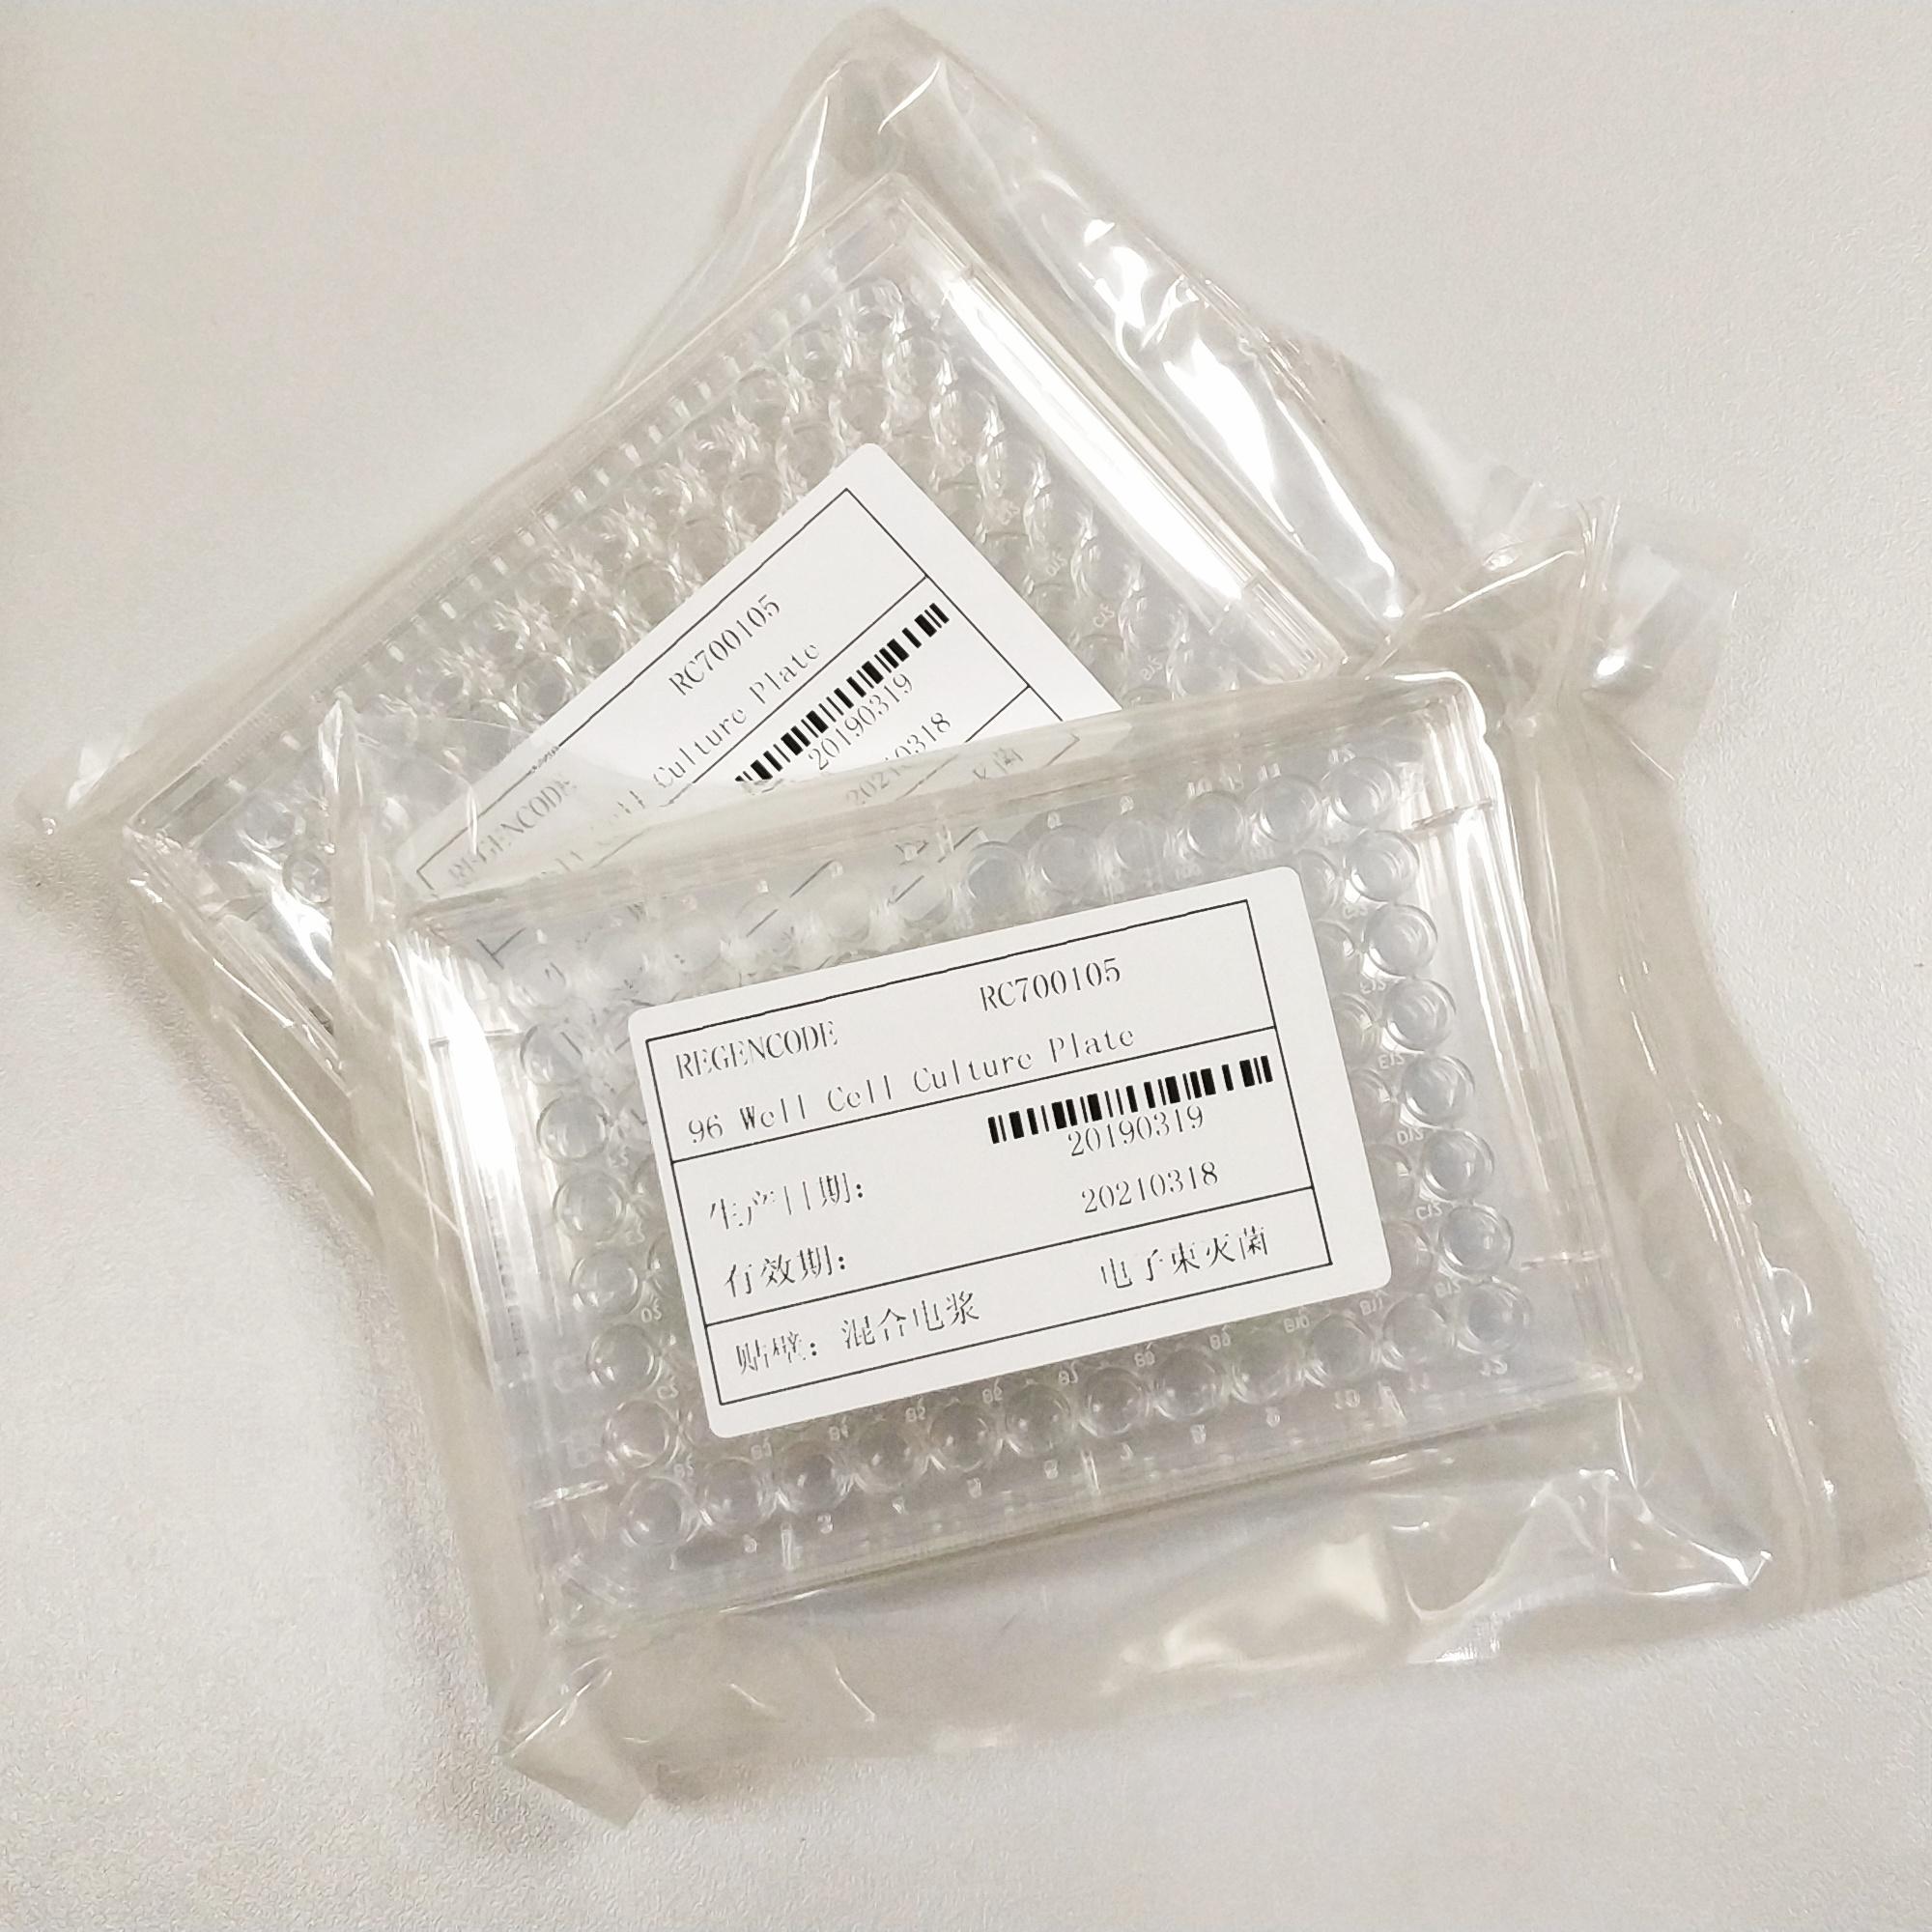 96孔细胞培养板